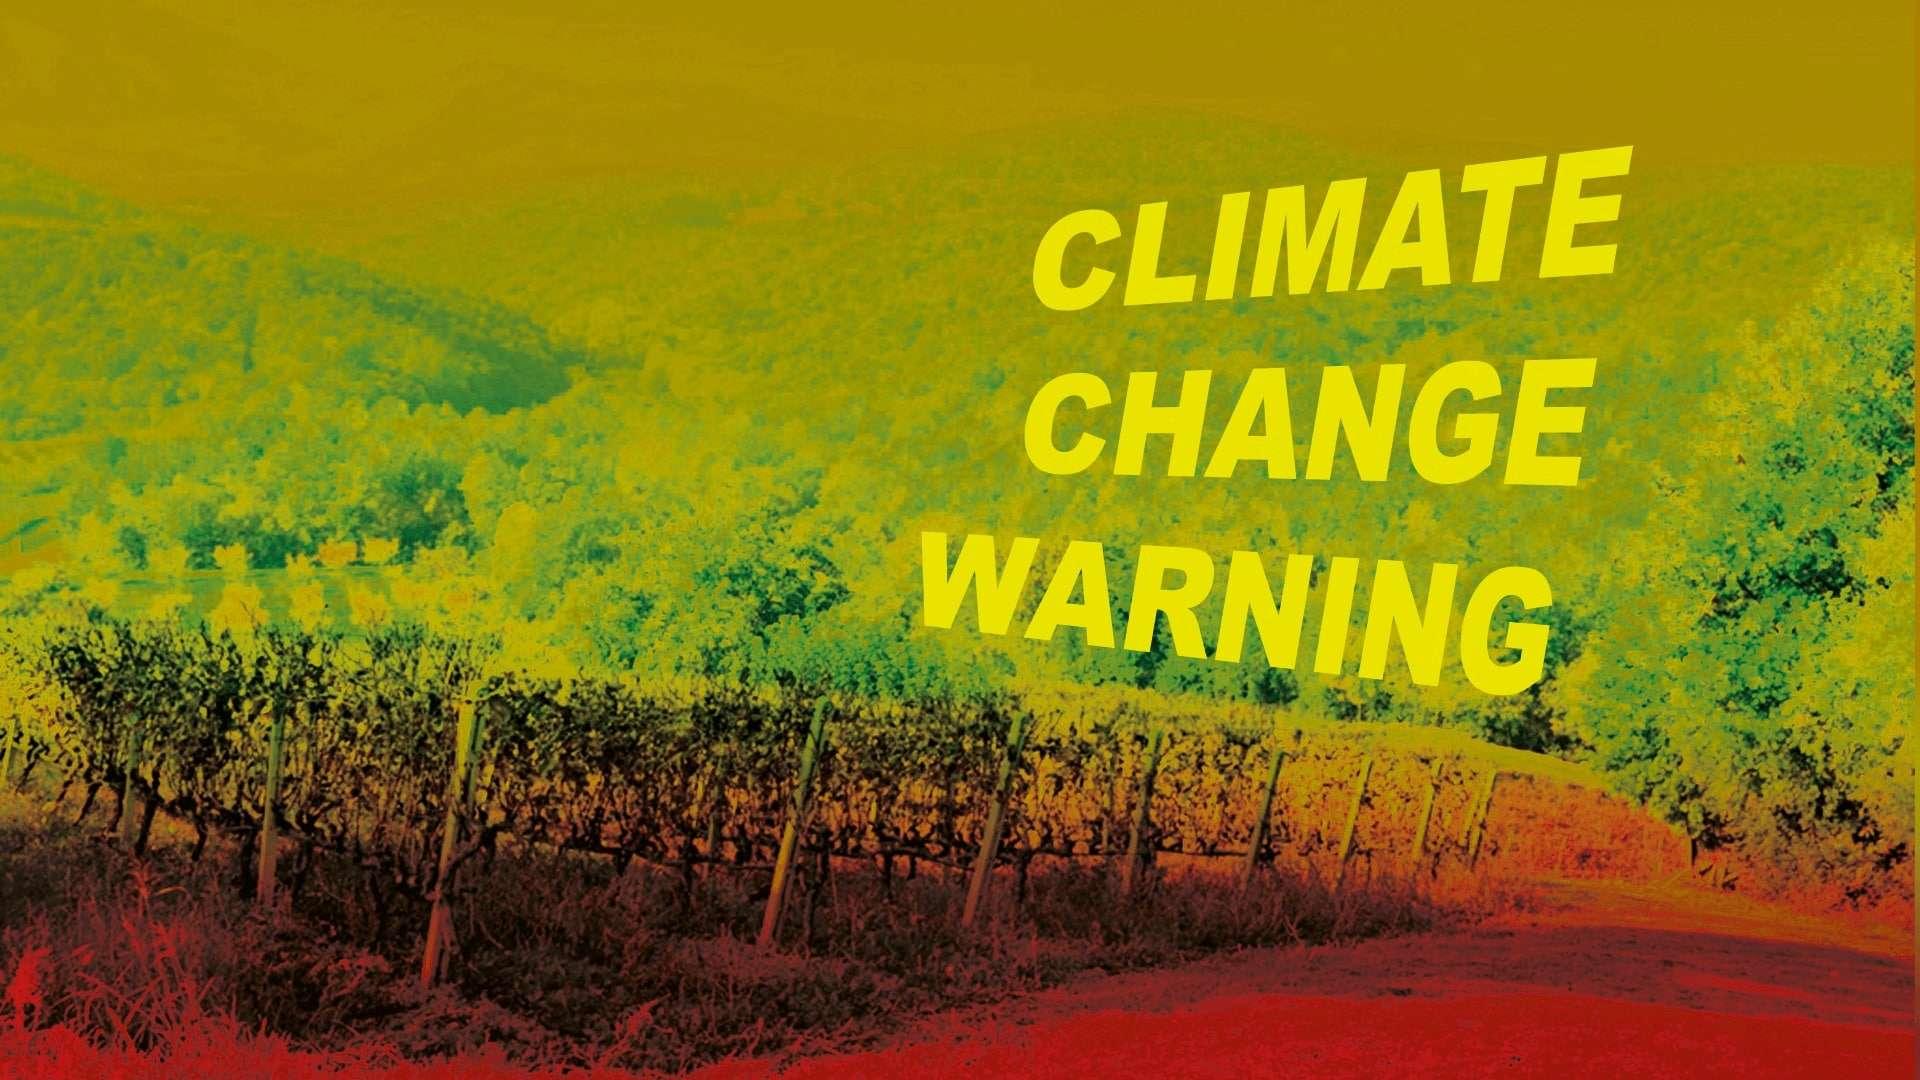 Κλιματική Αλλαγή και Ελληνικός Αμπελώνας με τον Δρ. Στέφανο Κουντουρά